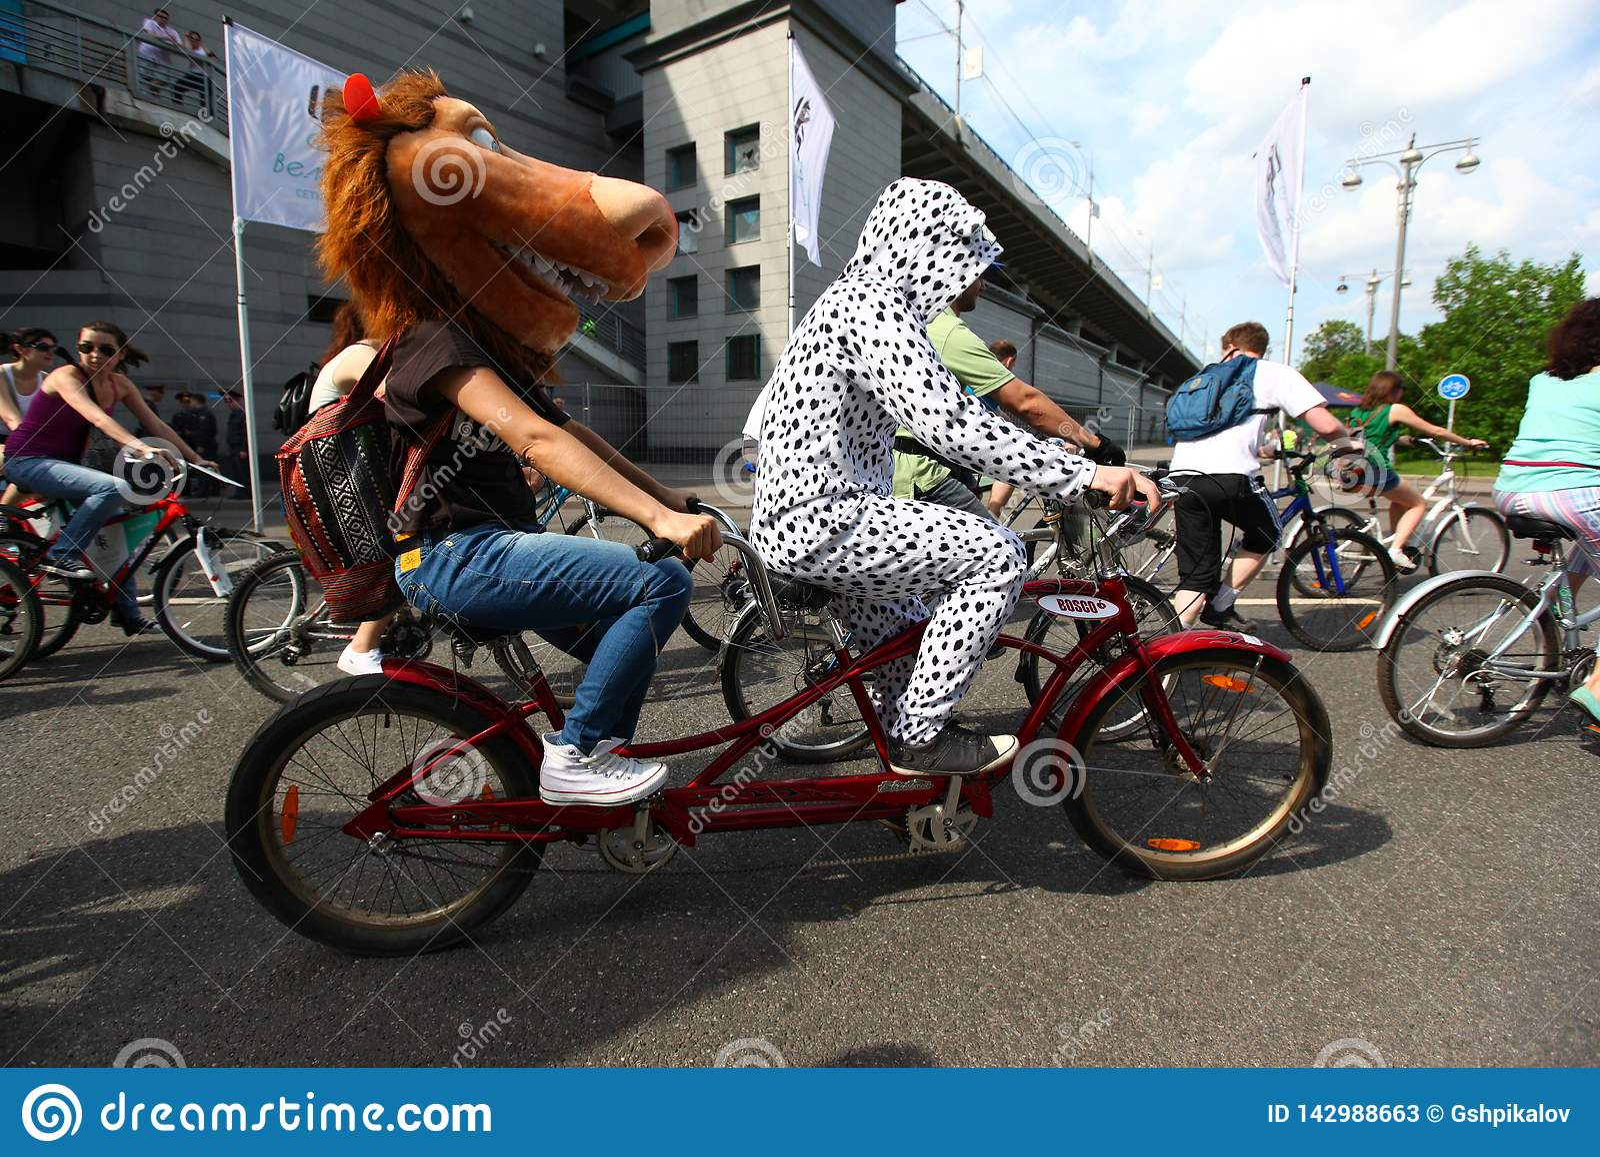 MOSKAU, RUSSLAND - 20. Mai 2002: Stadt Radfahrenparade, Pferd und dalmation kostümierten Teilnehmer auf einem Tandemfahrrad